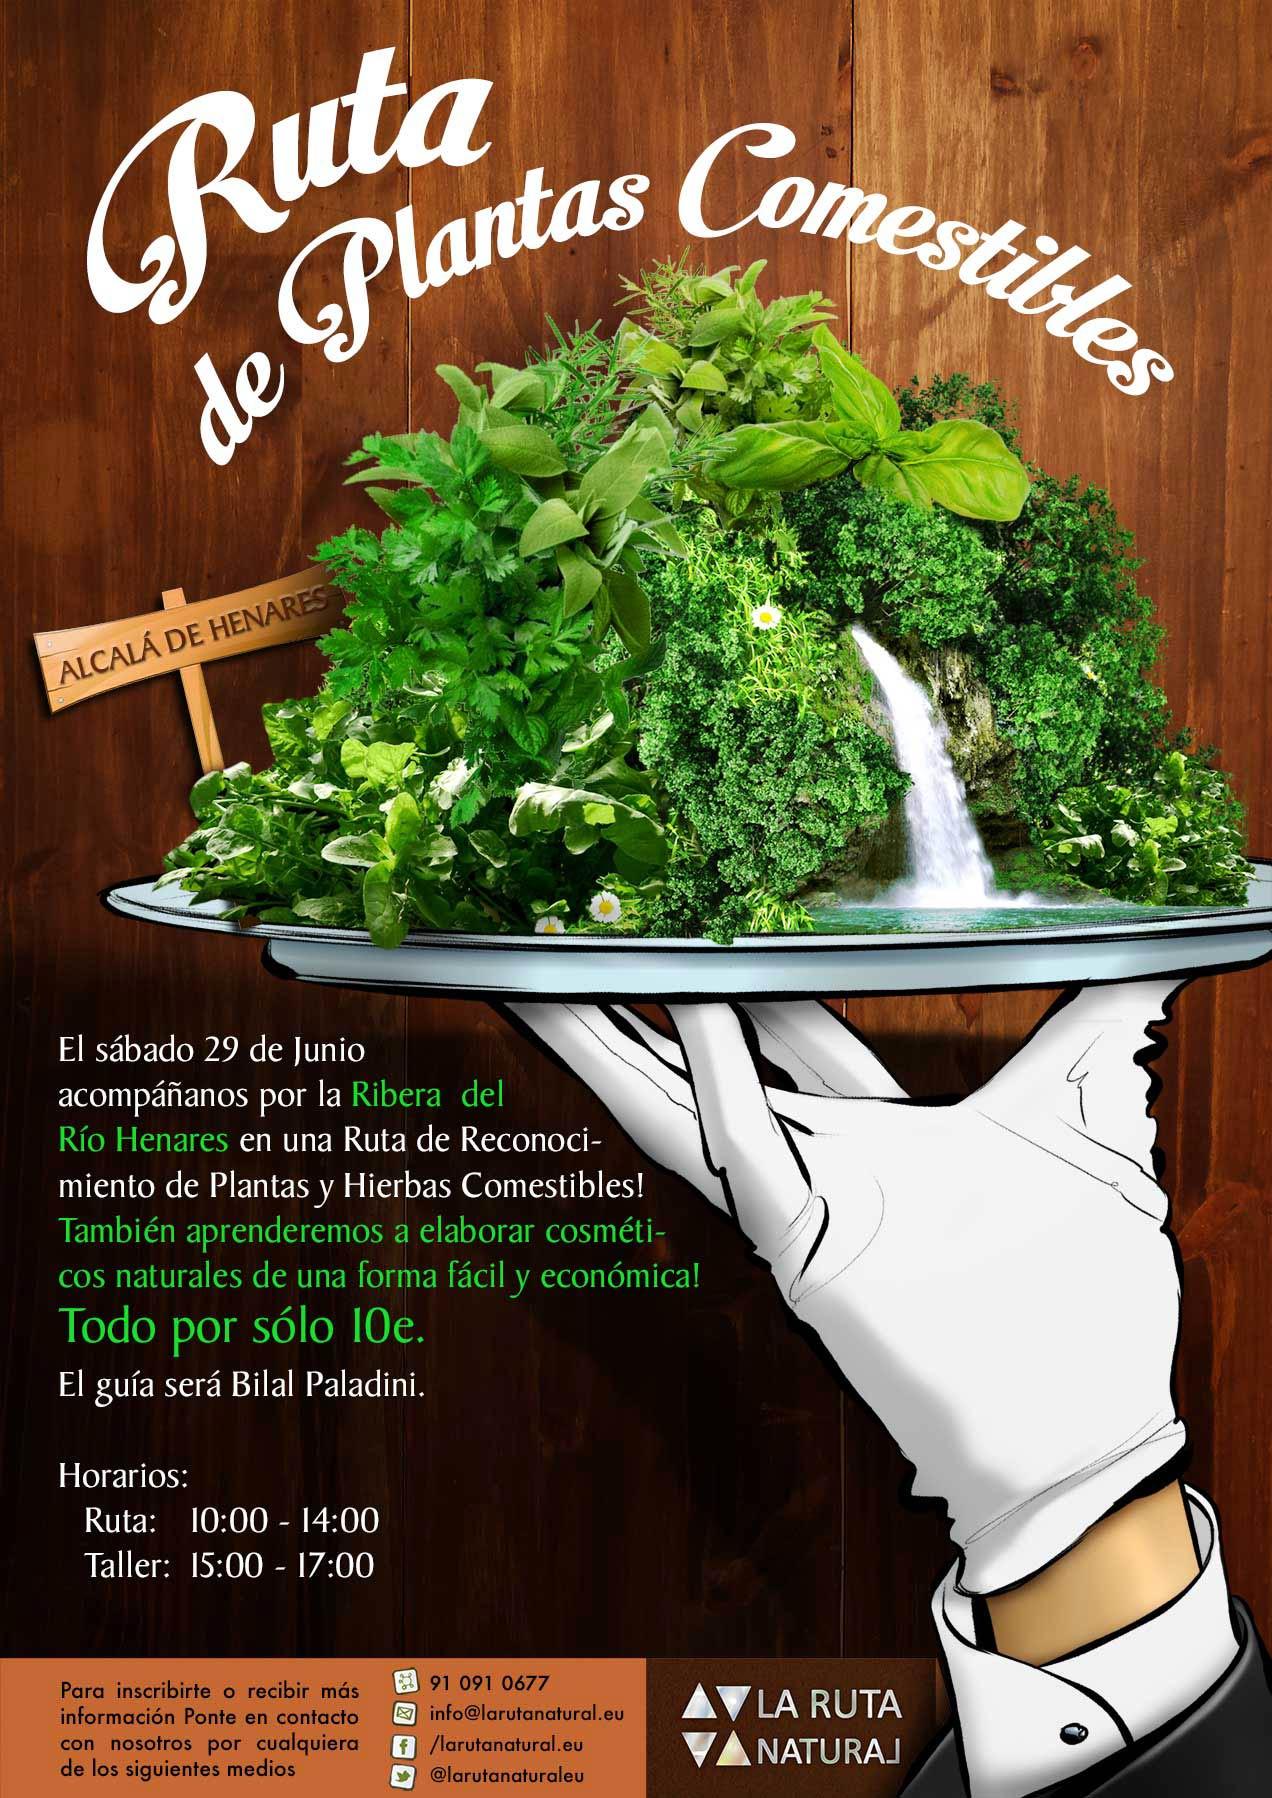 El sábado 29 de Junio  acompáñanos por la Ribera  del  Río Henares en una Ruta de Reconocimiento de Plantas y Hierbas Comestibles! También  prenderemos a elaborar cosméticos naturales de una forma fácil y Económica!